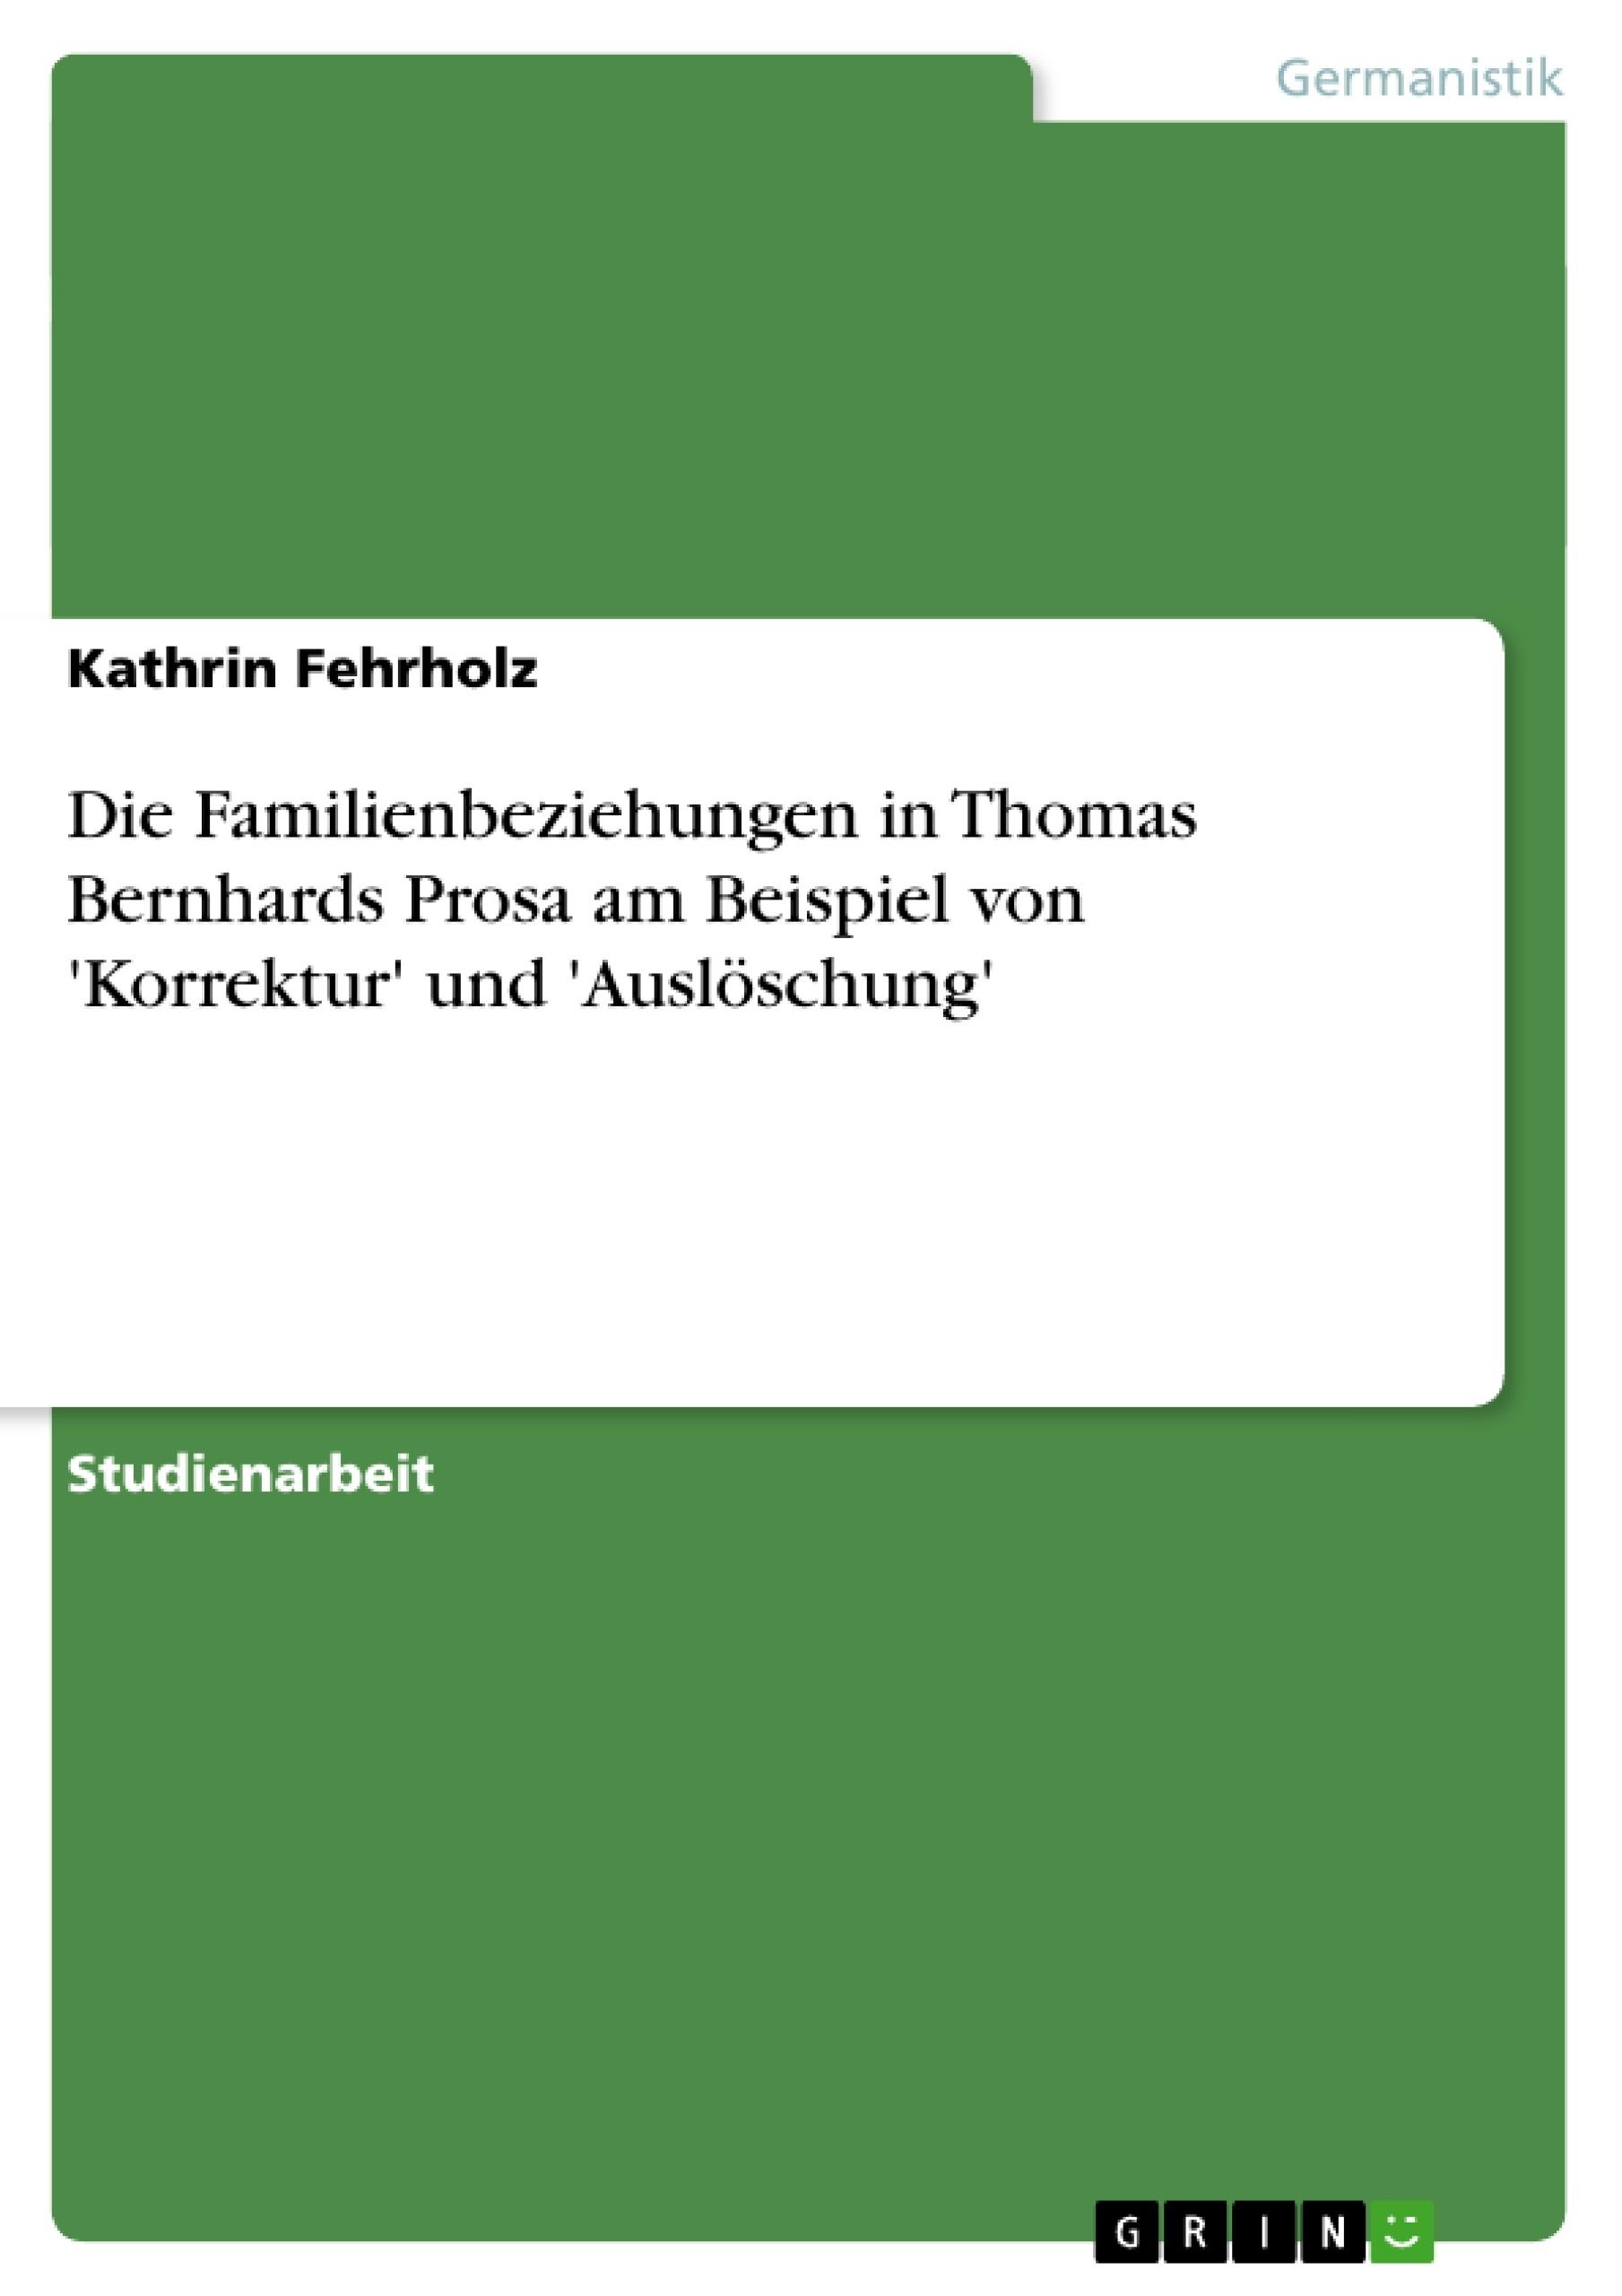 Titel: Die Familienbeziehungen in Thomas Bernhards Prosa am Beispiel von 'Korrektur' und 'Auslöschung'